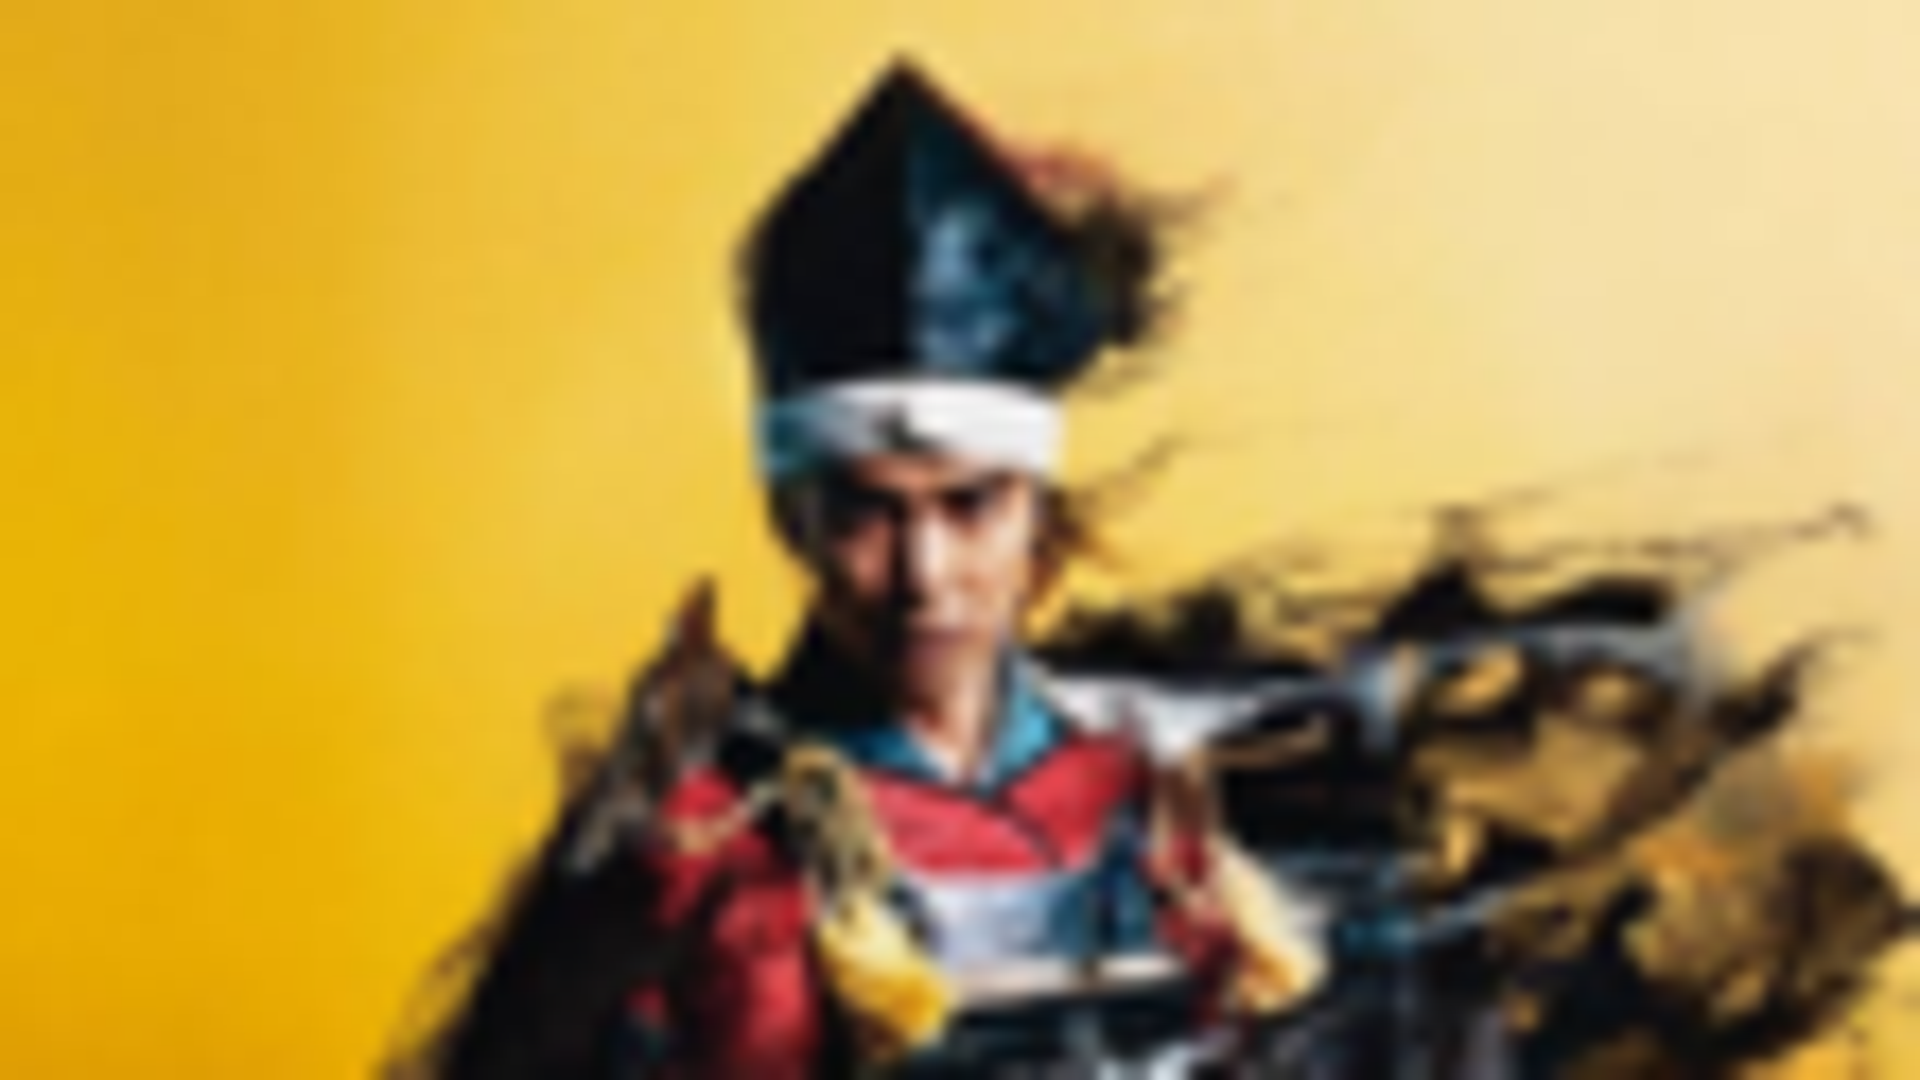 《麒麟降临》1080P中文预告 日本史上第一反贼明智光秀成2020年大河剧主角